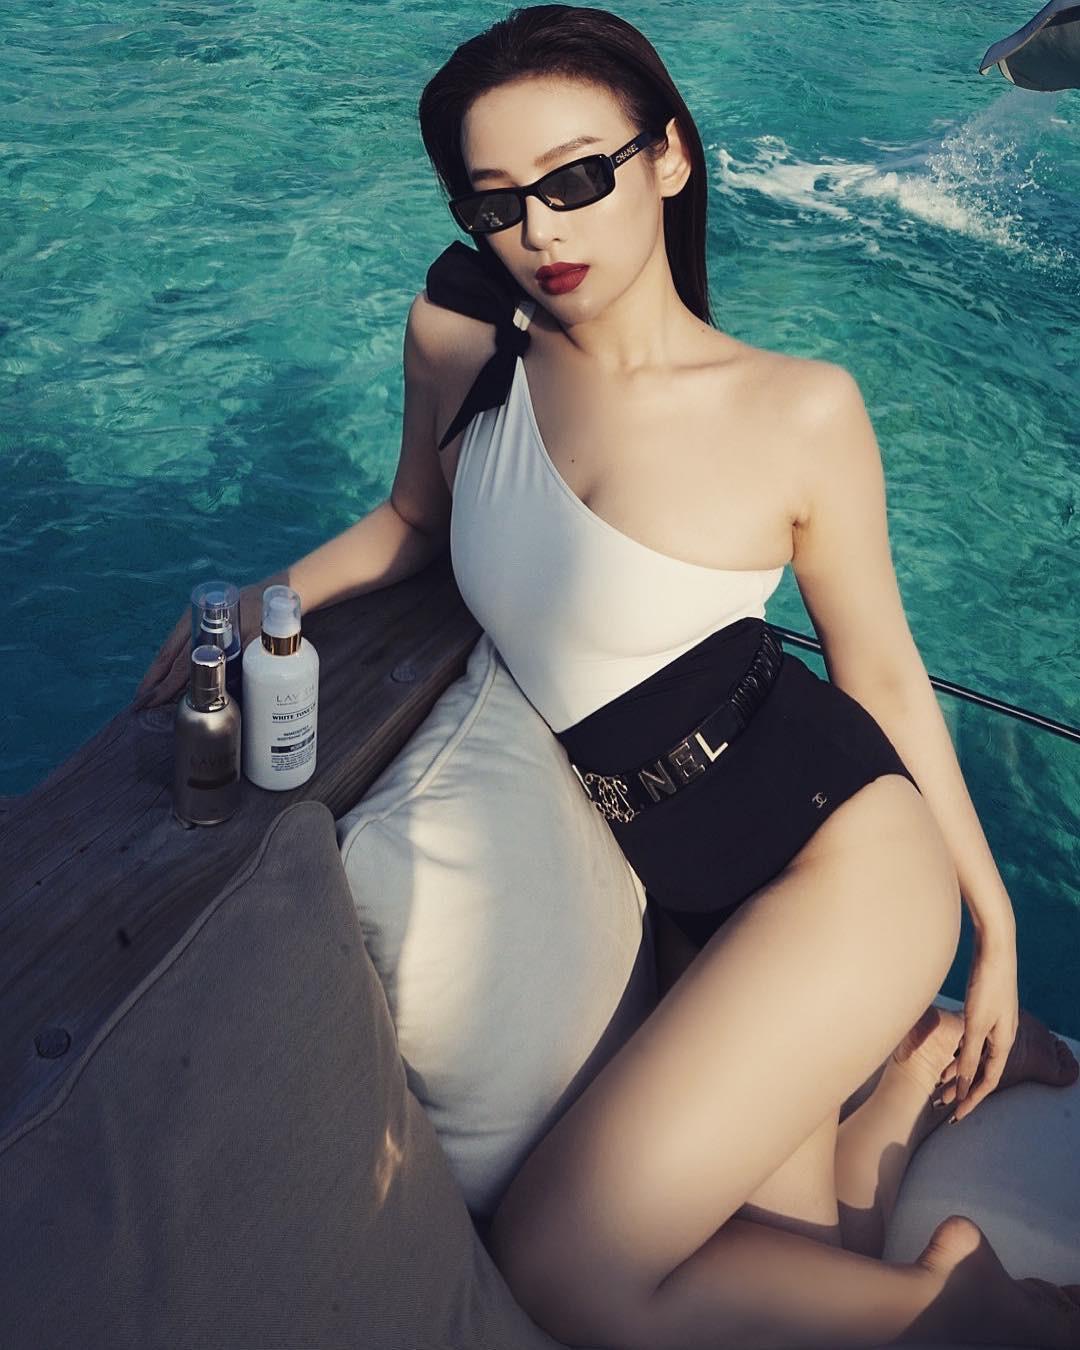 Cuộc chiến khoe eo thon dáng nuột với bikini: Loạt hot mom cũng táo bạo chẳng kém các sao nữ Vbiz-18